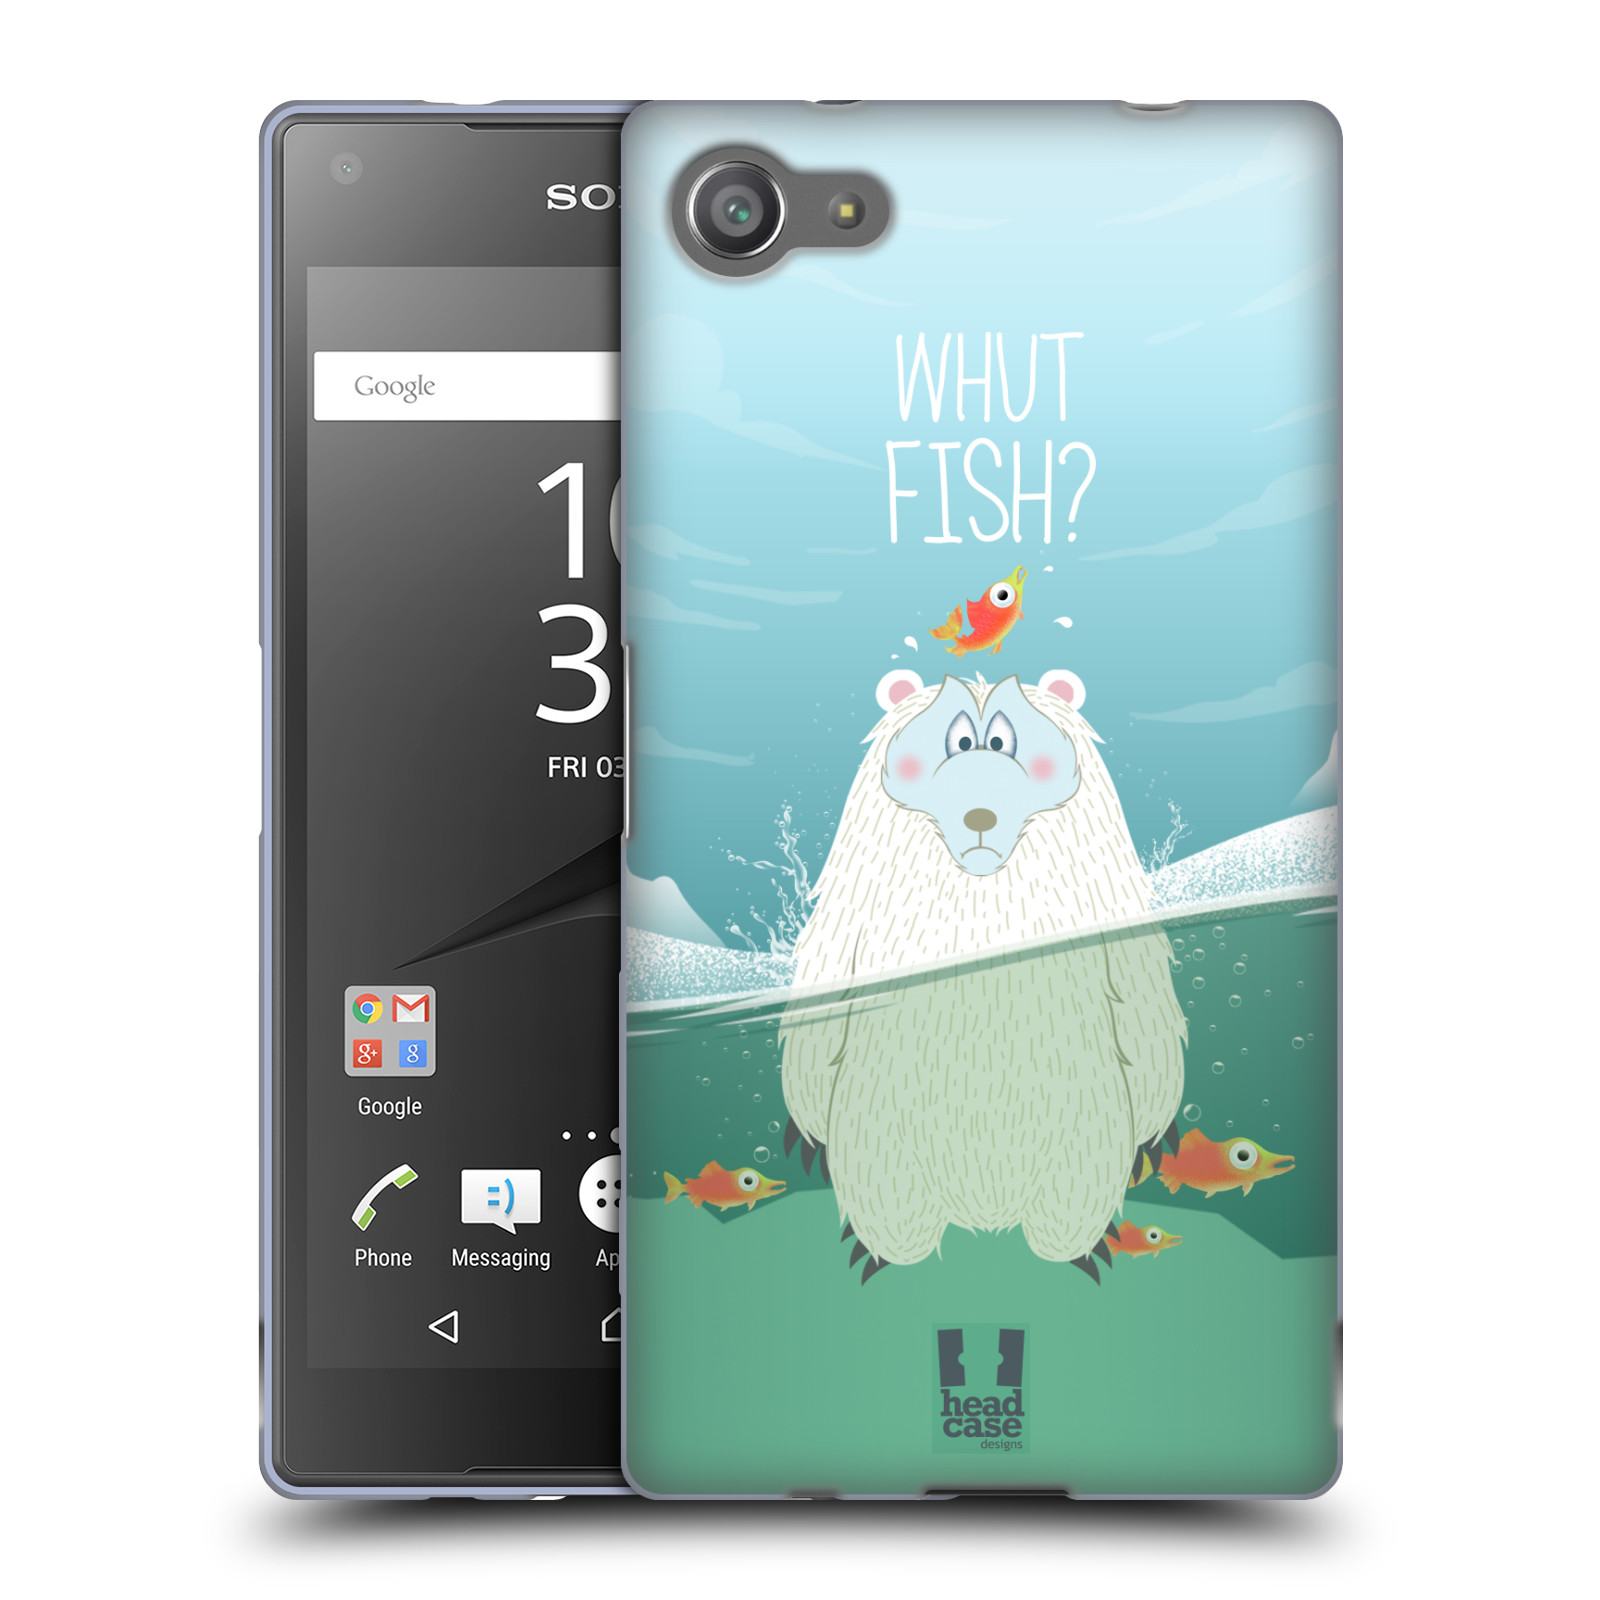 Silikonové pouzdro na mobil Sony Xperia Z5 Compact HEAD CASE Medvěd Whut Fish?